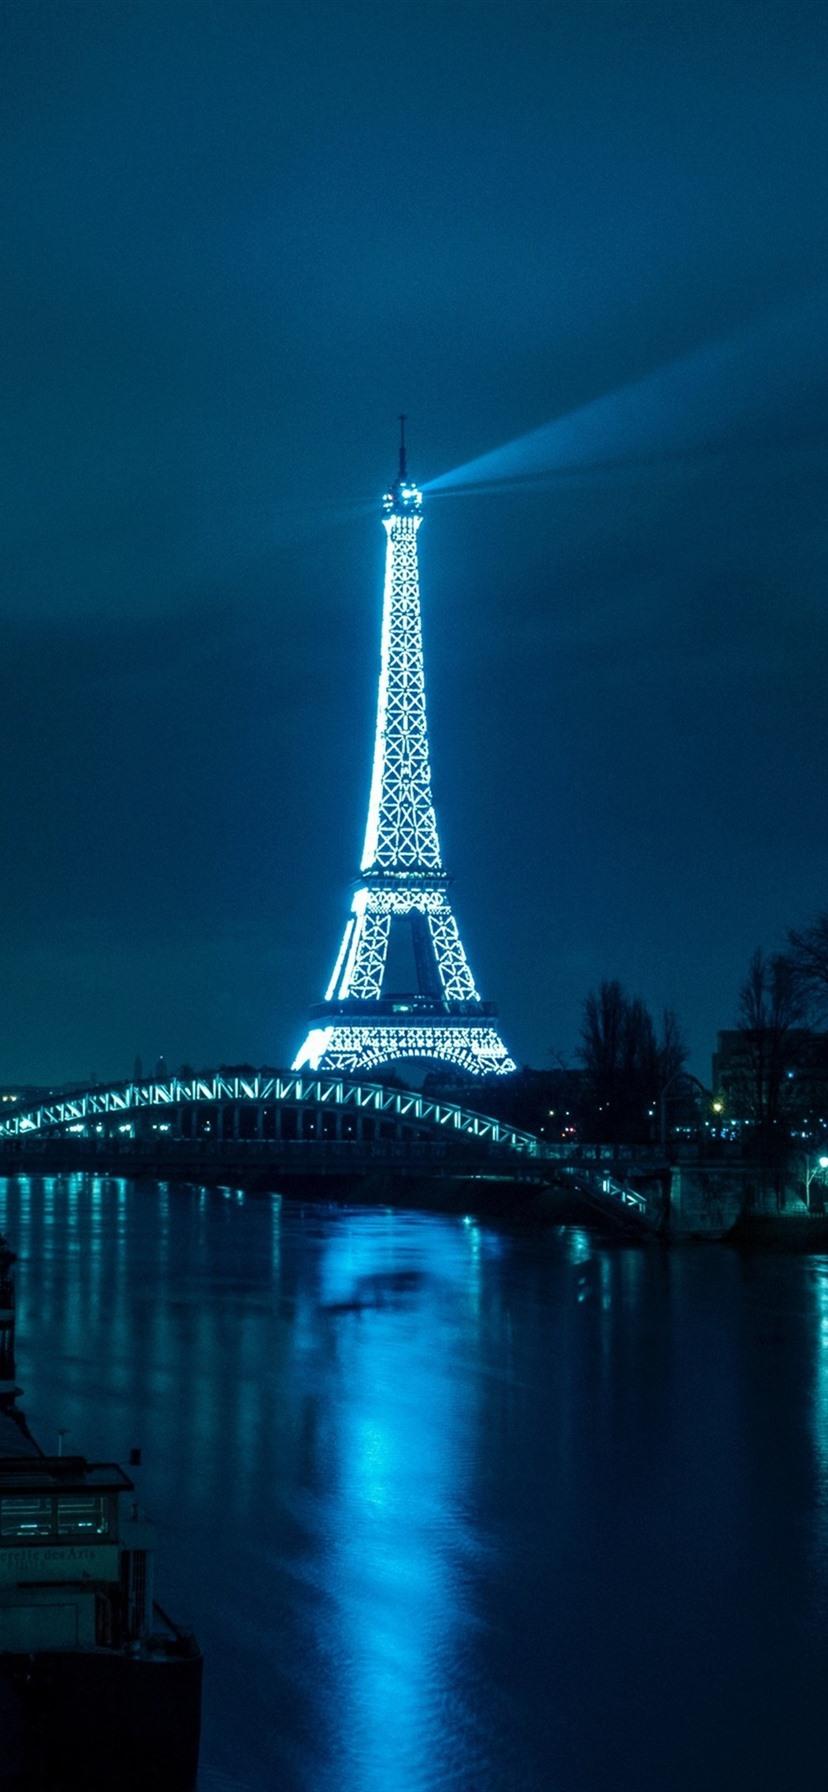 エッフェル塔 川 橋 道路 イルミネーション 夜 パリ フランス